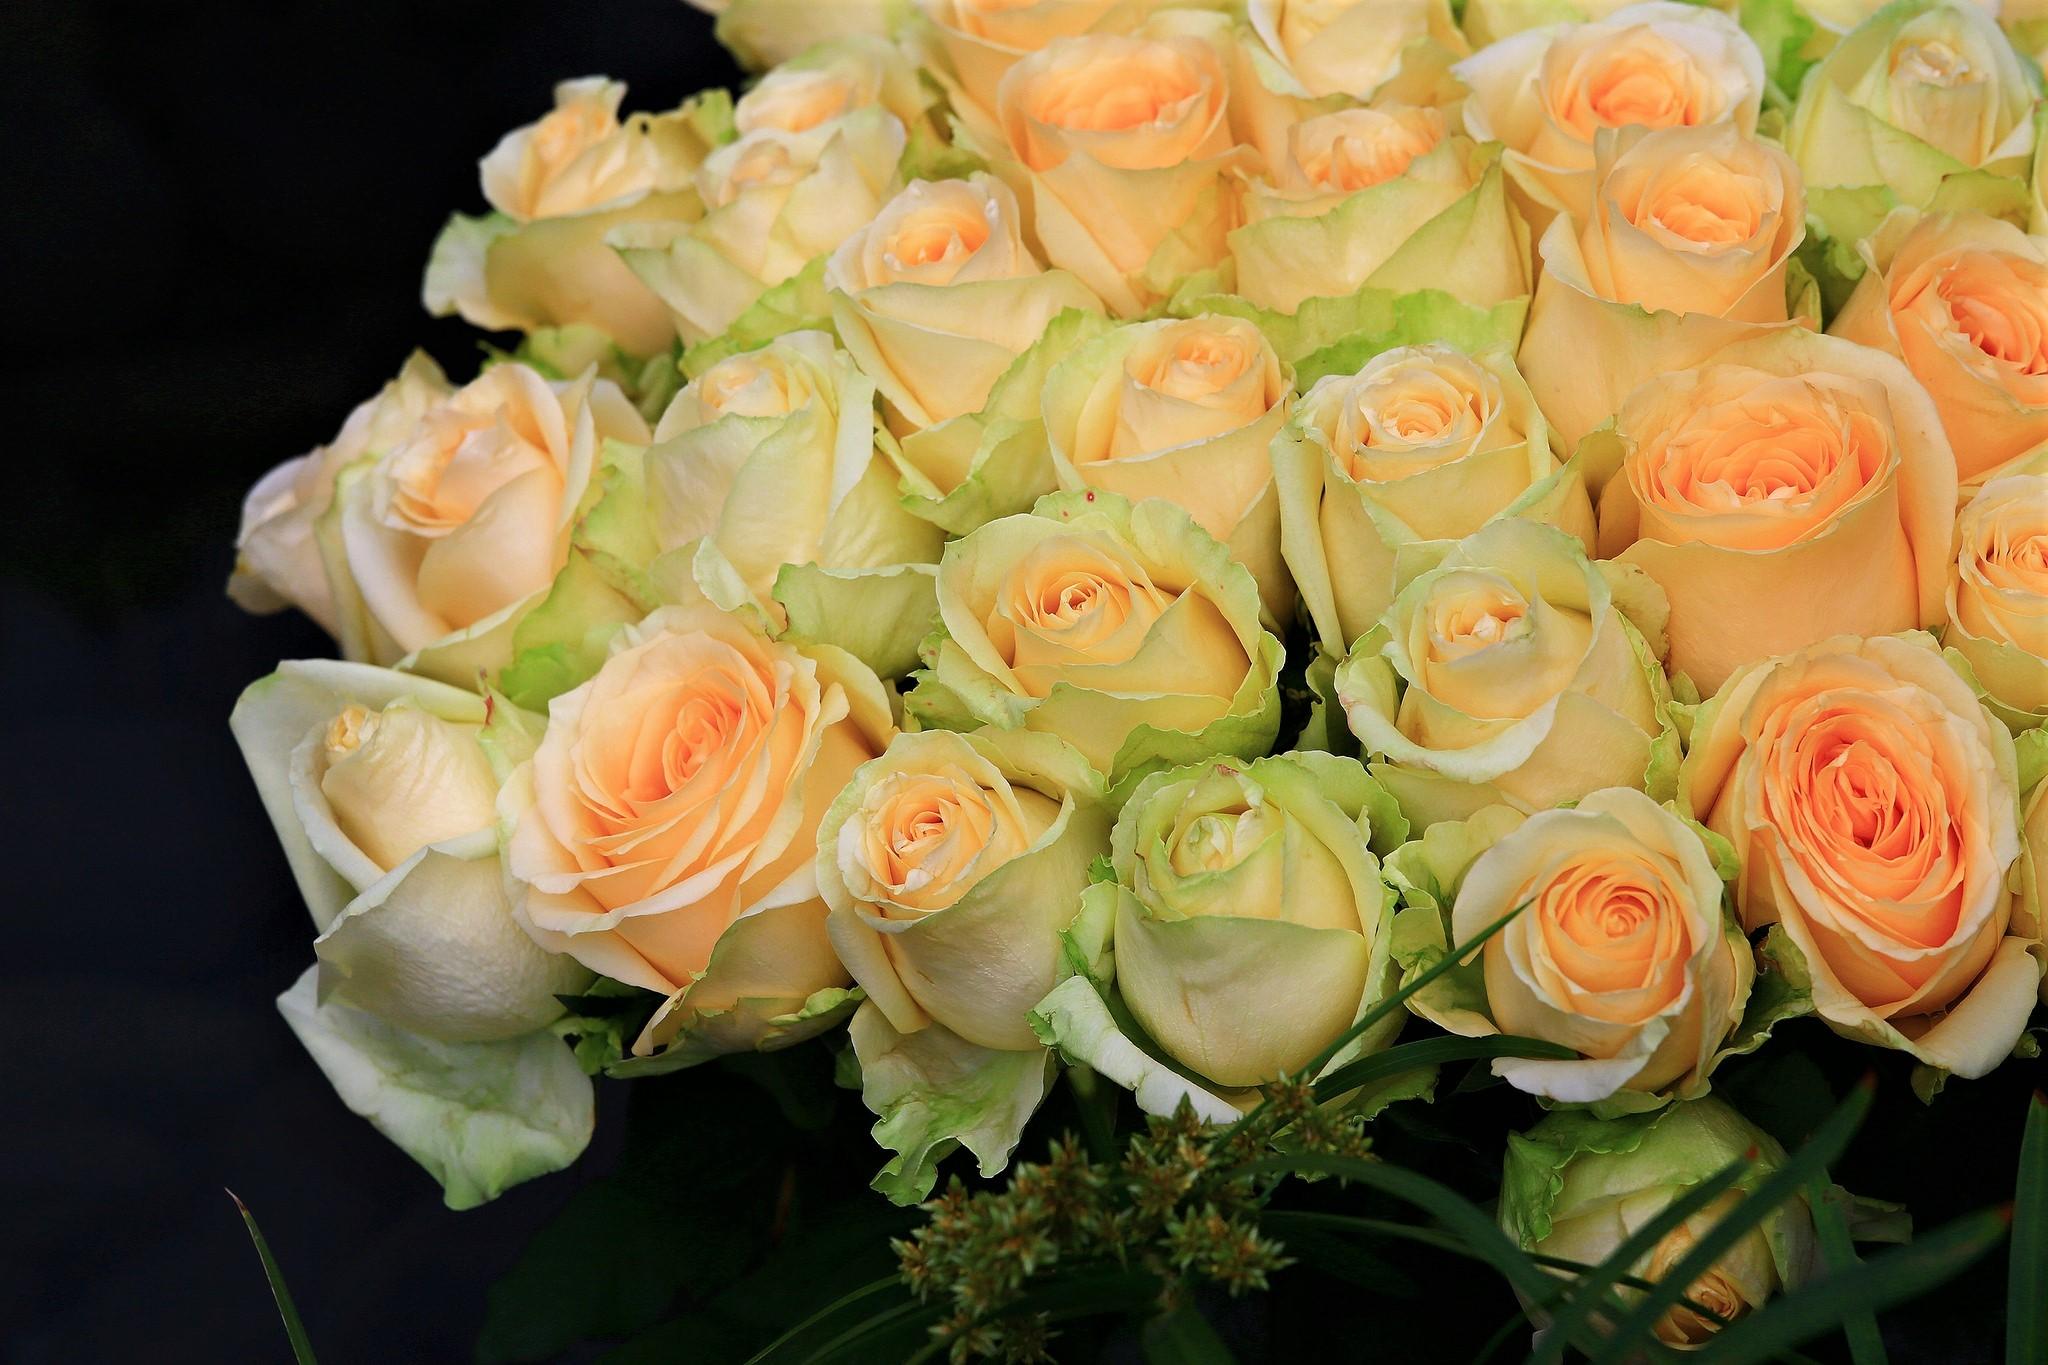 Нежные букеты роз фото, роз корзине